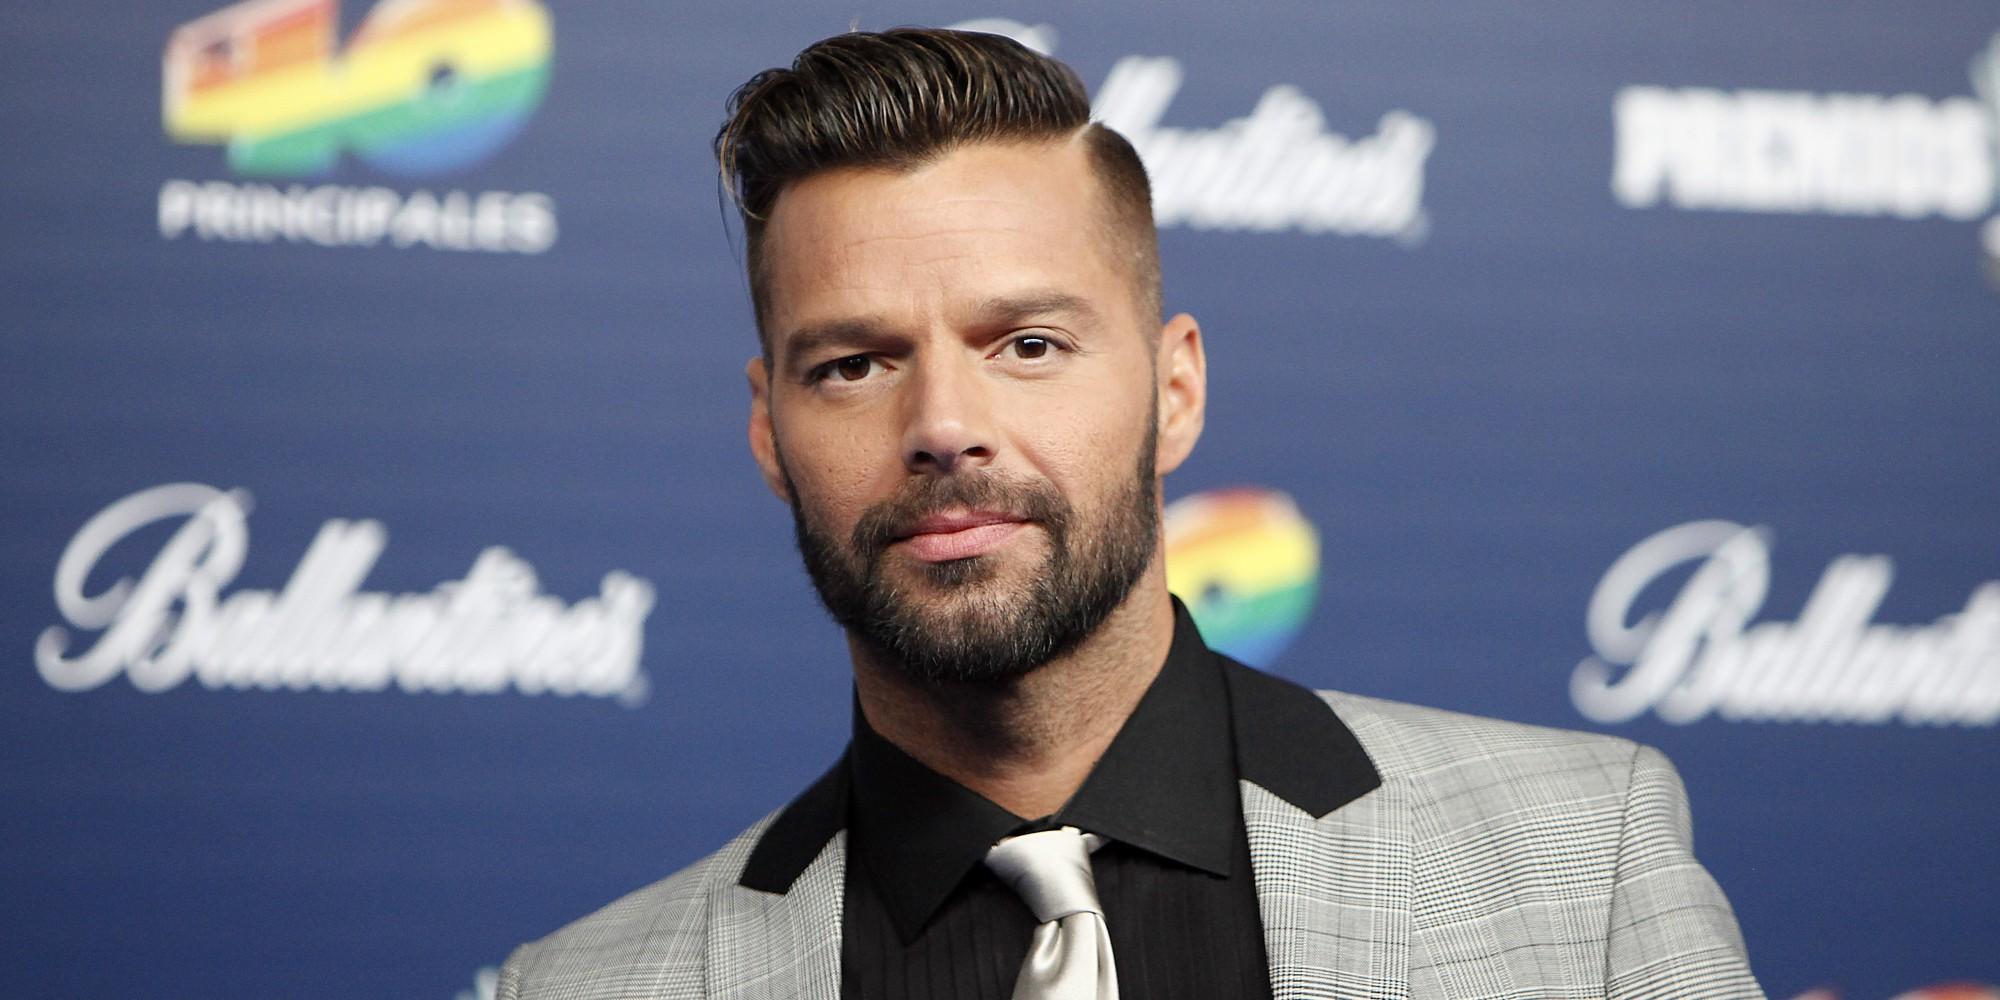 Ricky Mantin revelou sua opção sexual aos 38 anos